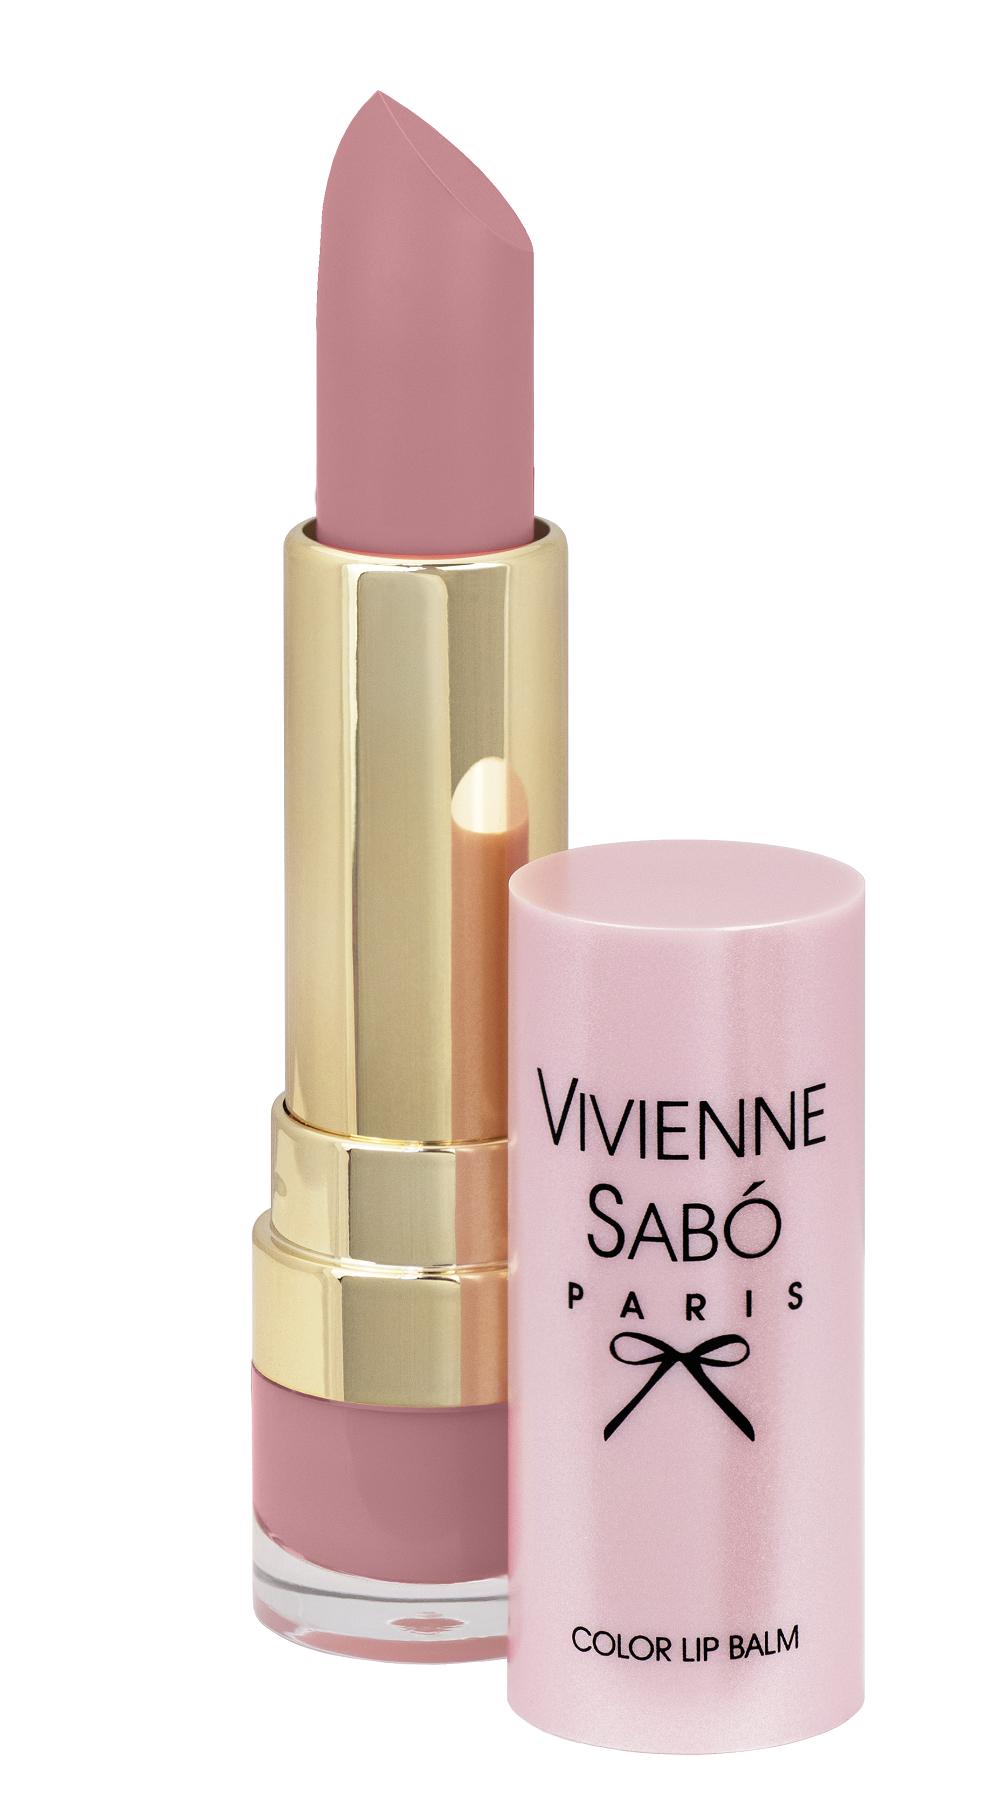 Vivienne Sabo - Lipstick Balm - Lippenbalsam 06 - beige pink